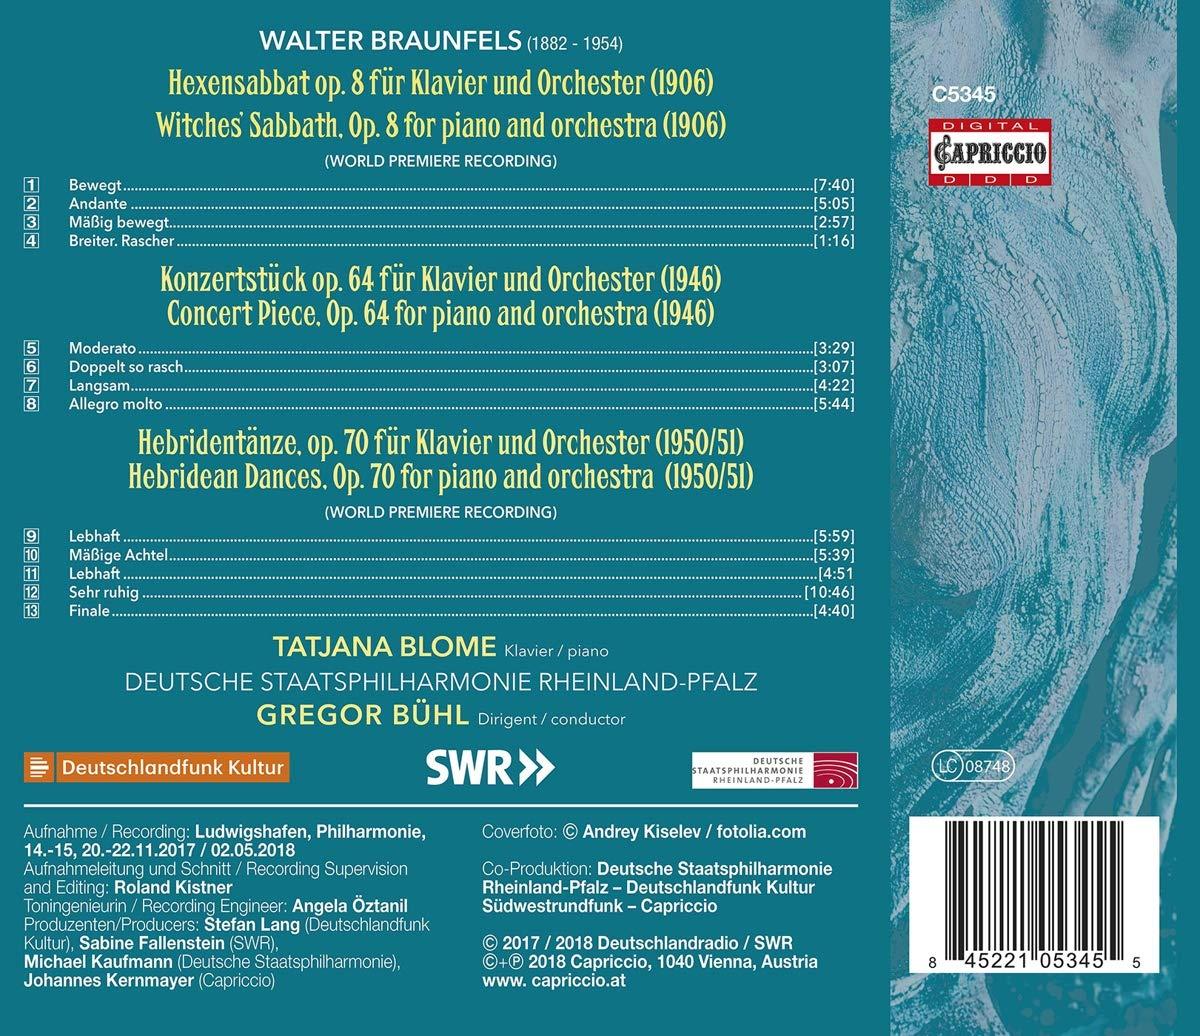 Werke Für Klavier und Orchester - Tatjana Blome, Gregor Bühl, Dt ...